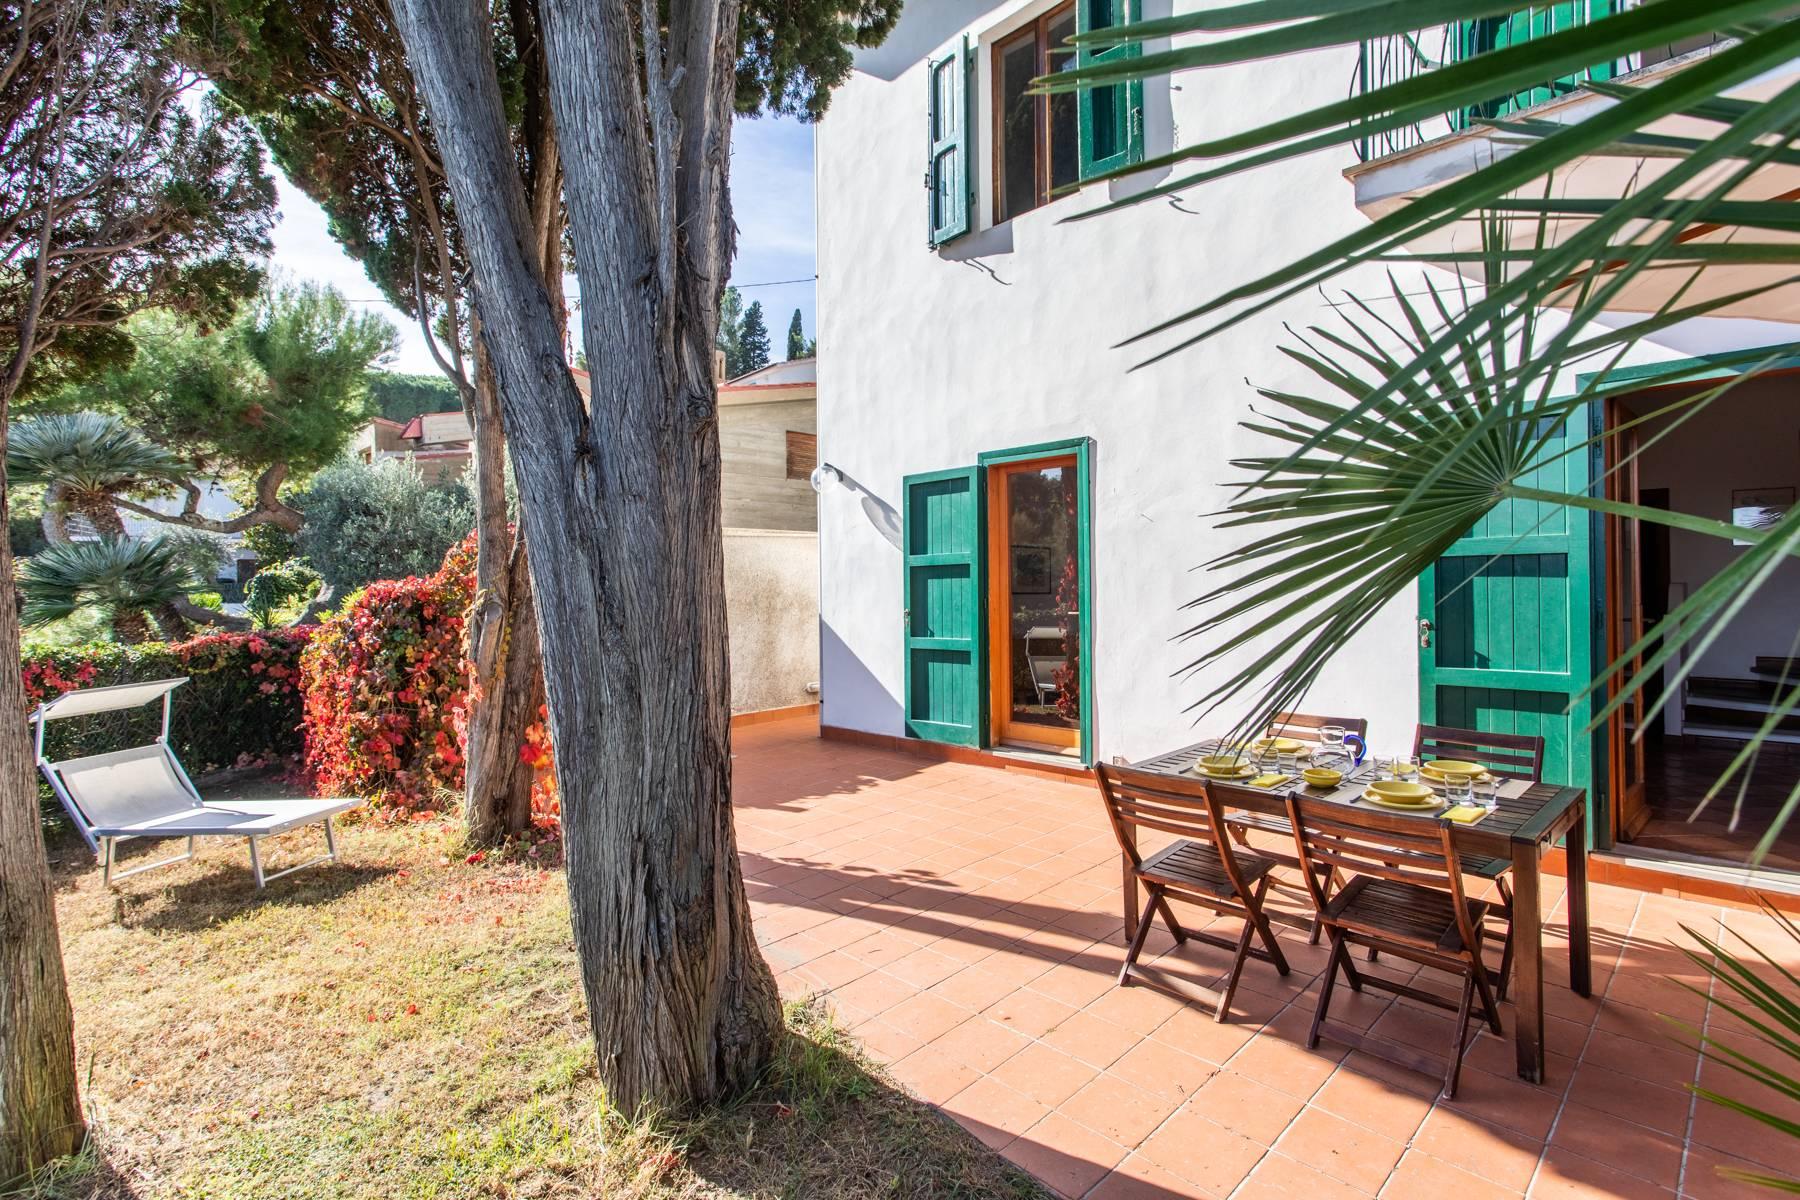 Villa in Vendita a Monte Argentario: 5 locali, 140 mq - Foto 27